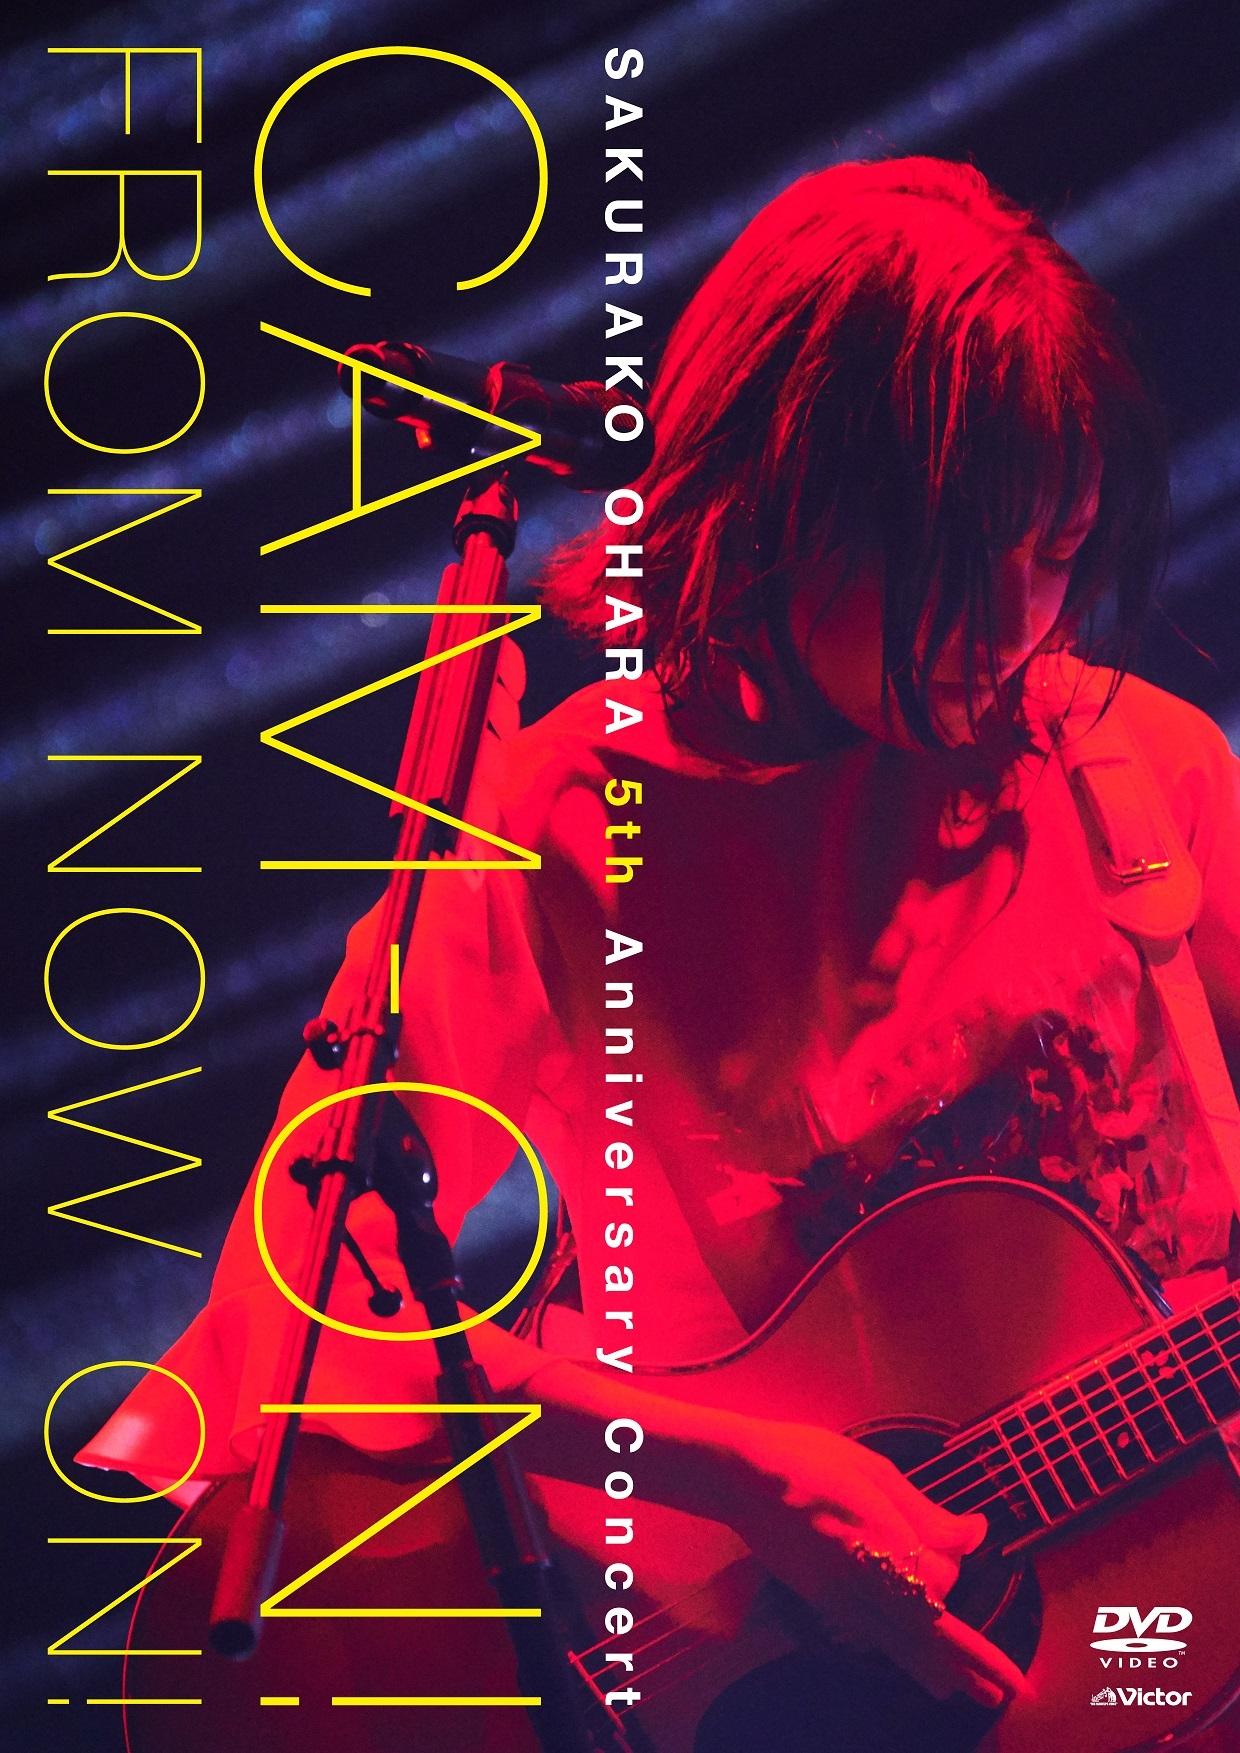 大原櫻子 5th Anniversary コンサート「CAM-ON! ~FROM NOW ON!~」(DVD)